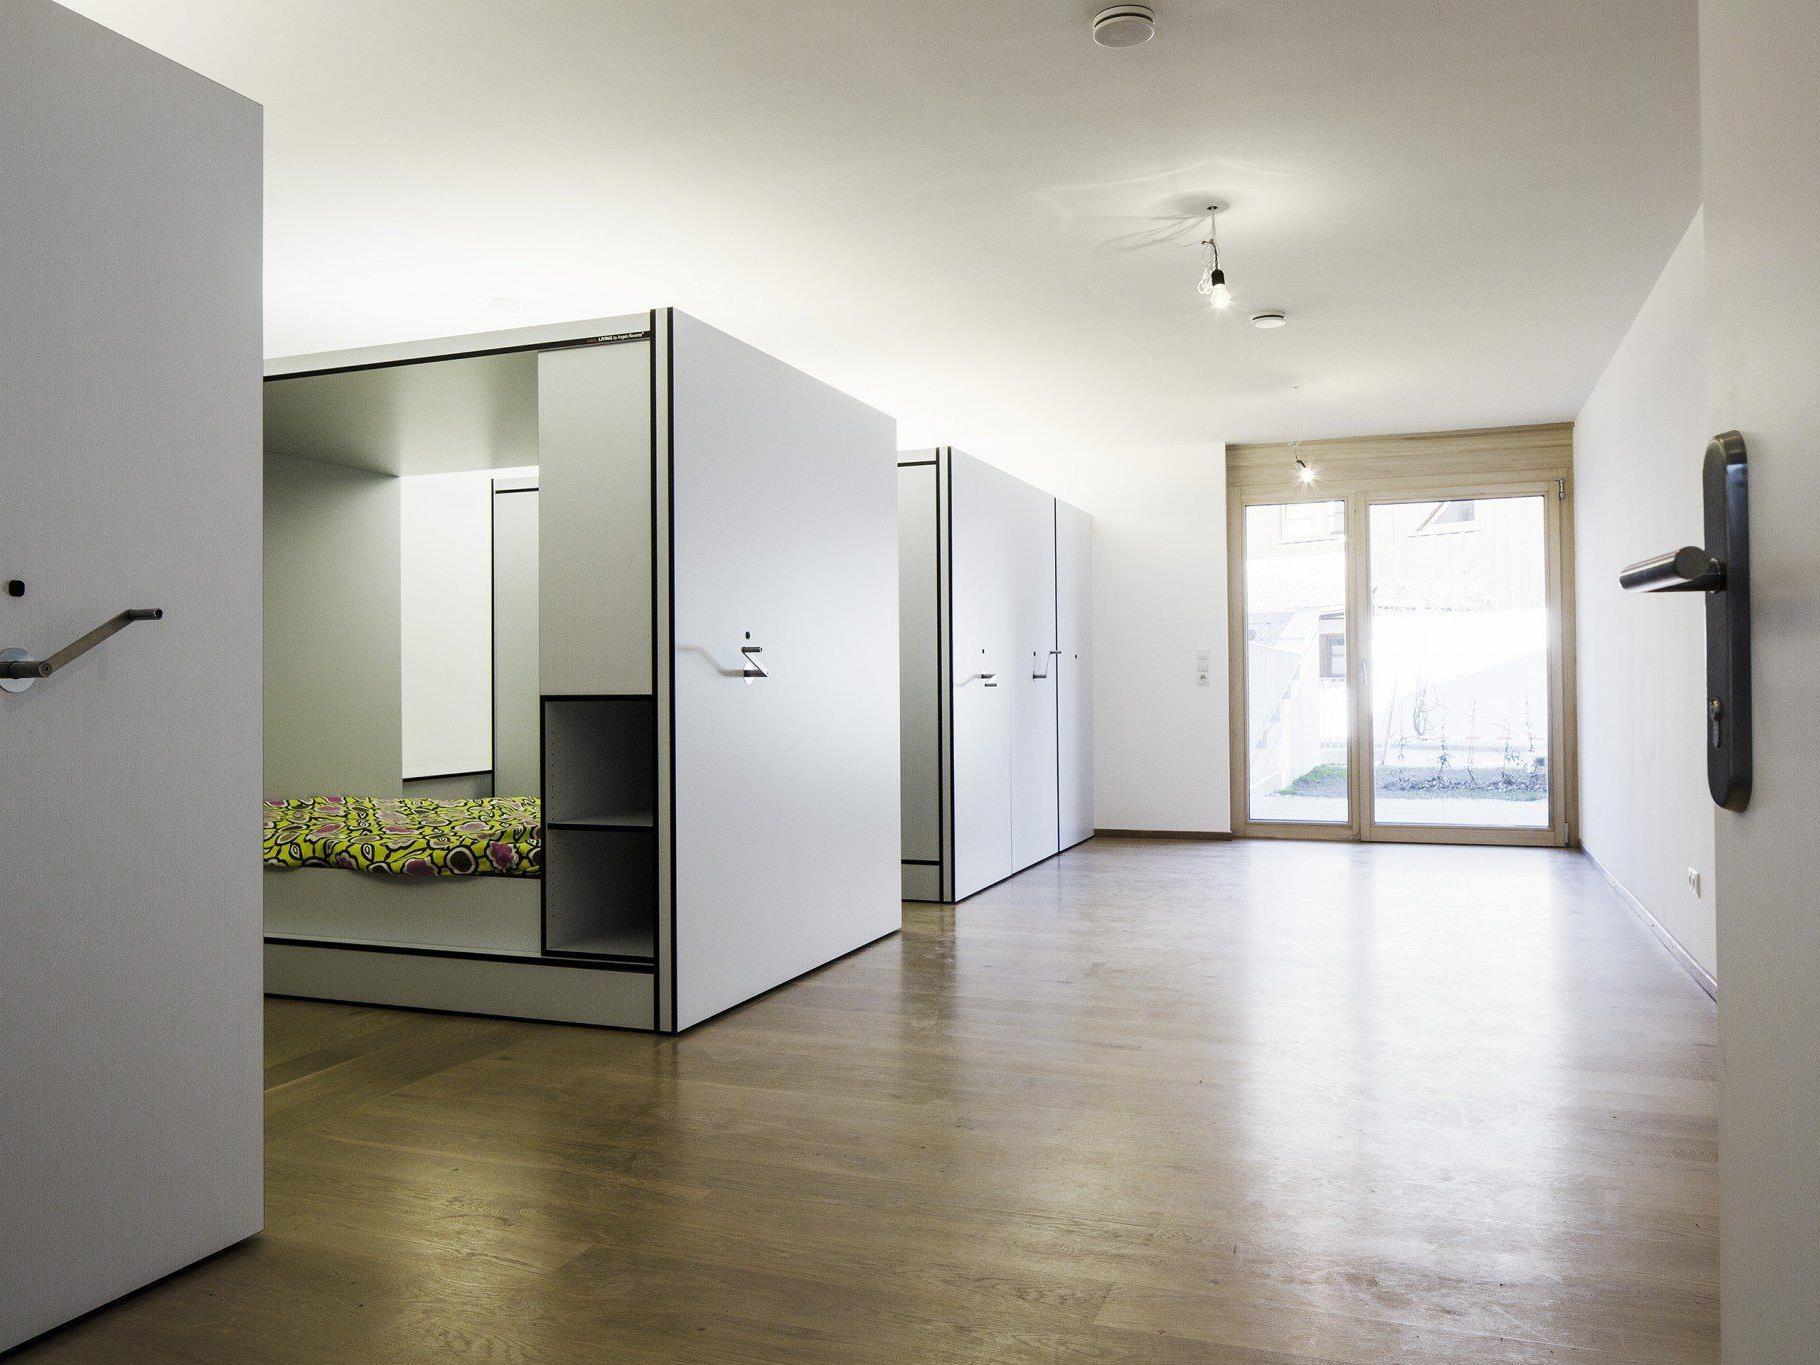 elastic_Living heißt die im gemeinnützigen Wohnbau einzigartige elastische Wohnung.